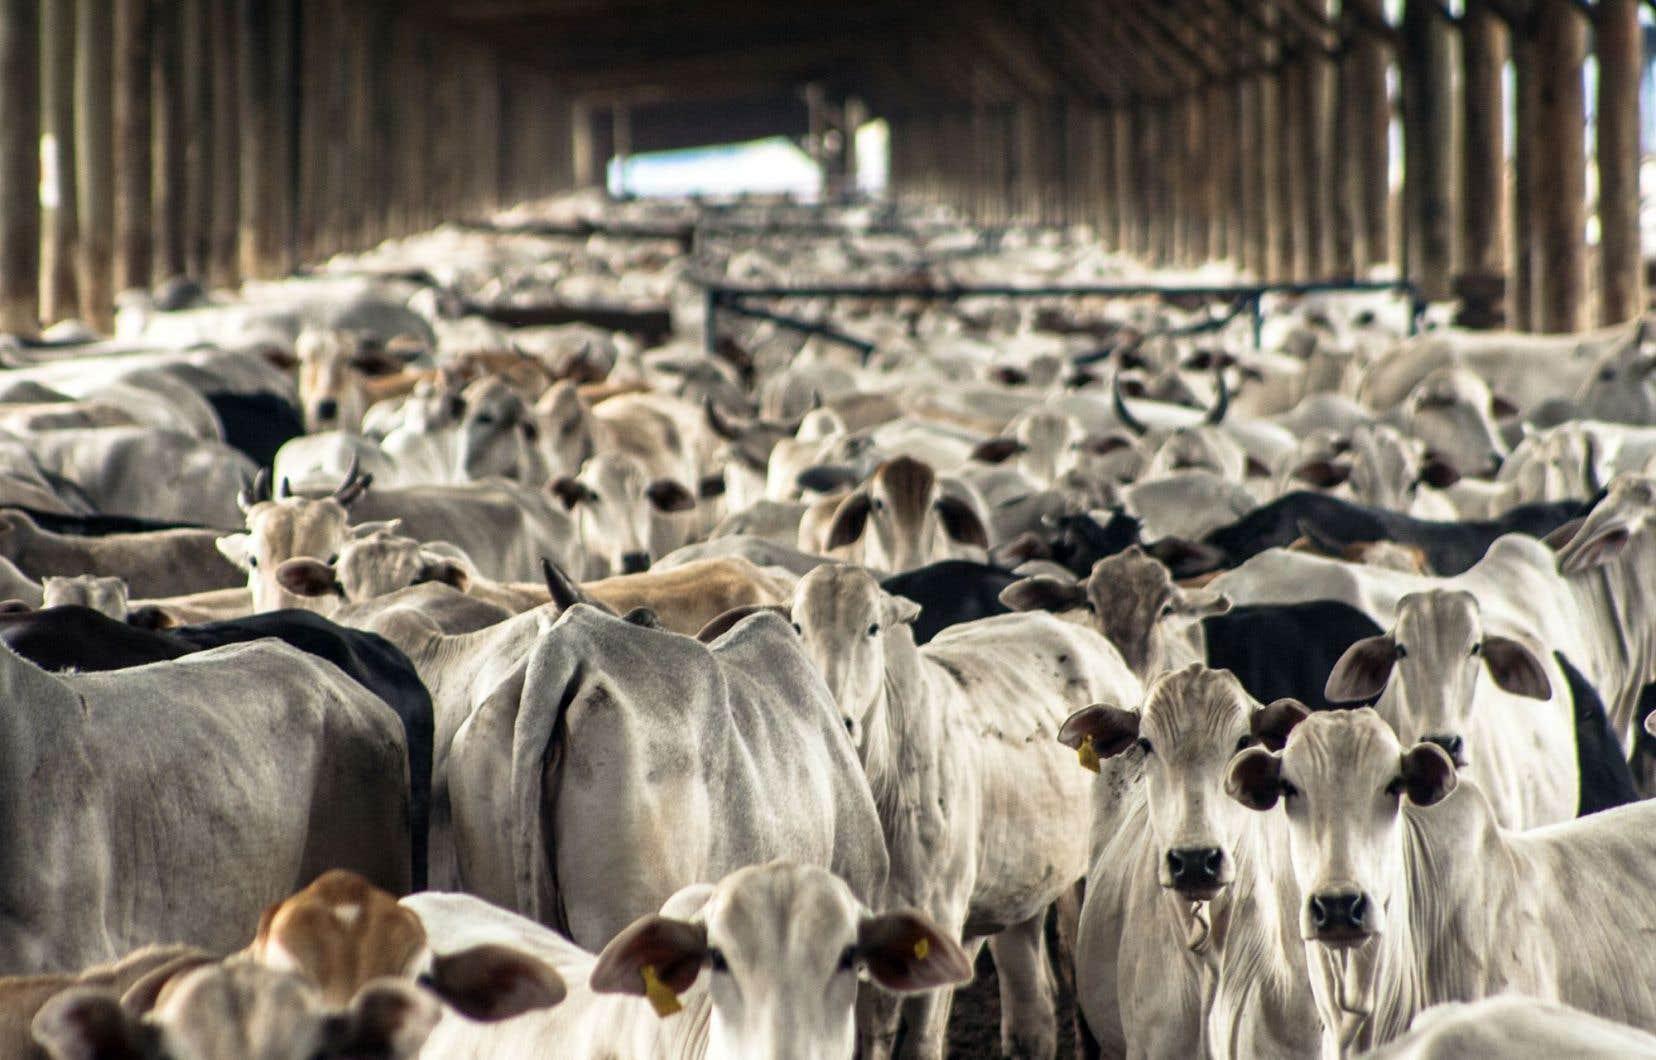 L'élevage du bétail: le point faible du discours écologique? Le film Cowspiracy nous démontre à quel point nous sommes pétris de contradictions.